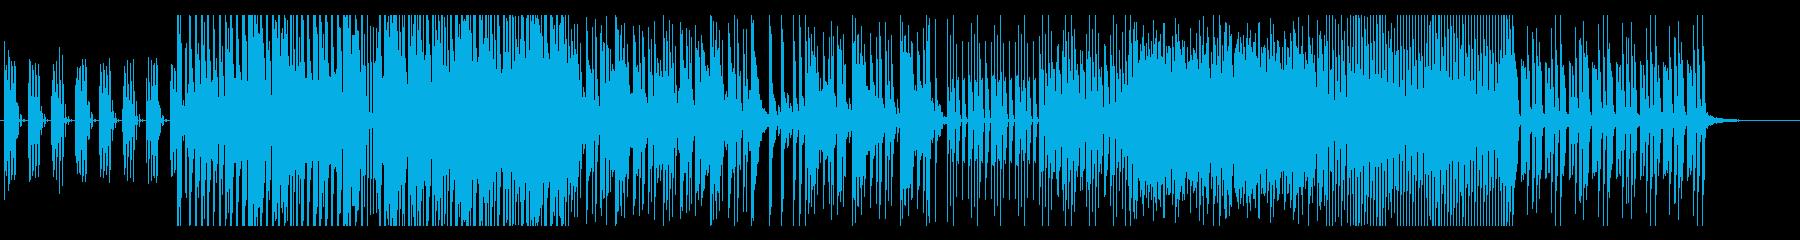 テンションの振り幅が広い曲の再生済みの波形